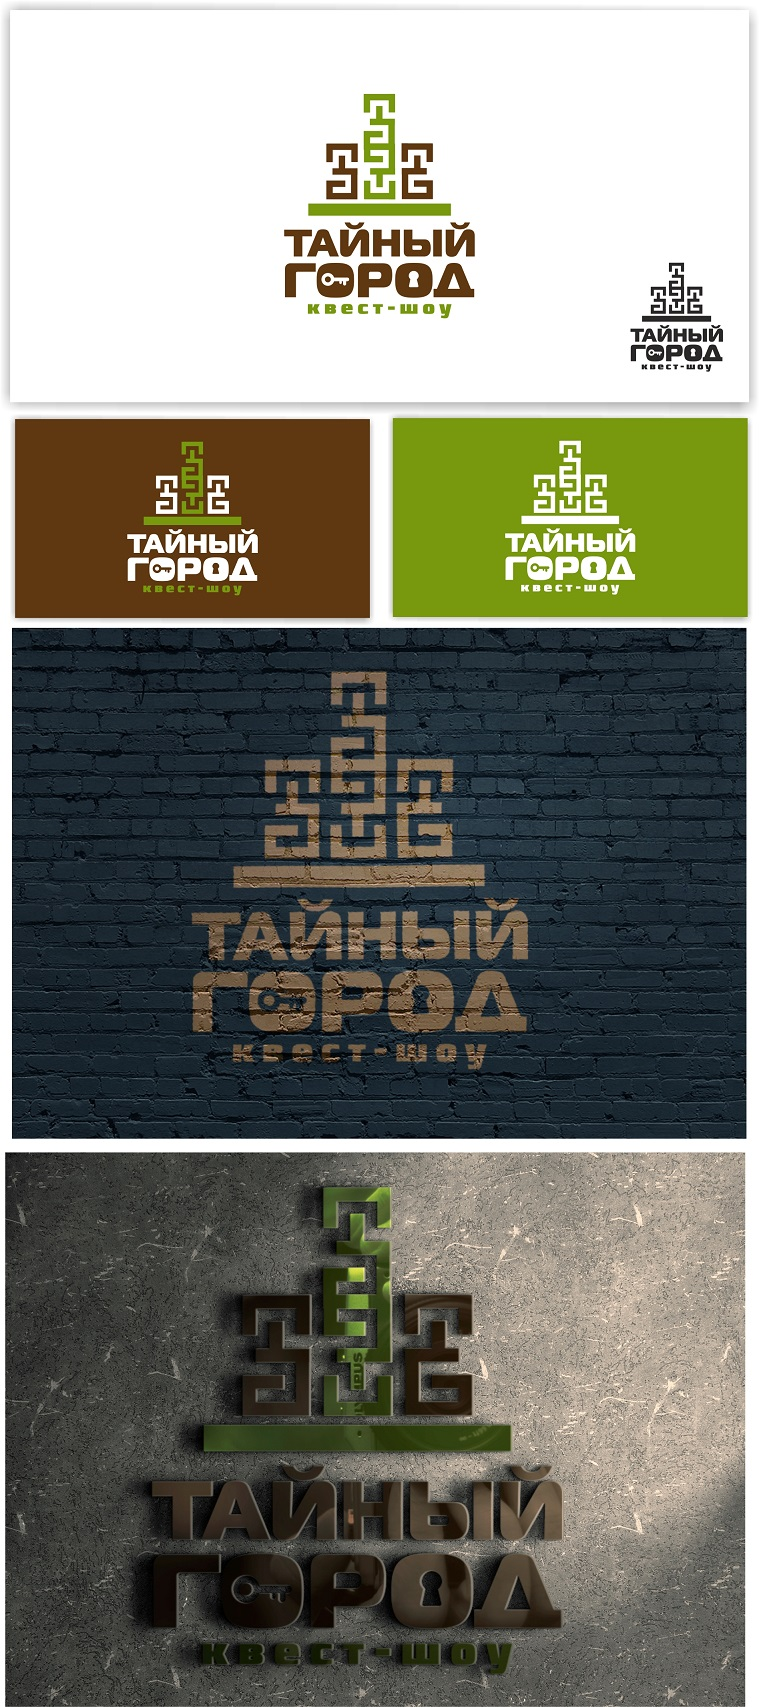 Разработка логотипа и шрифтов для Квеста  фото f_2925b48cc3fc021a.jpg